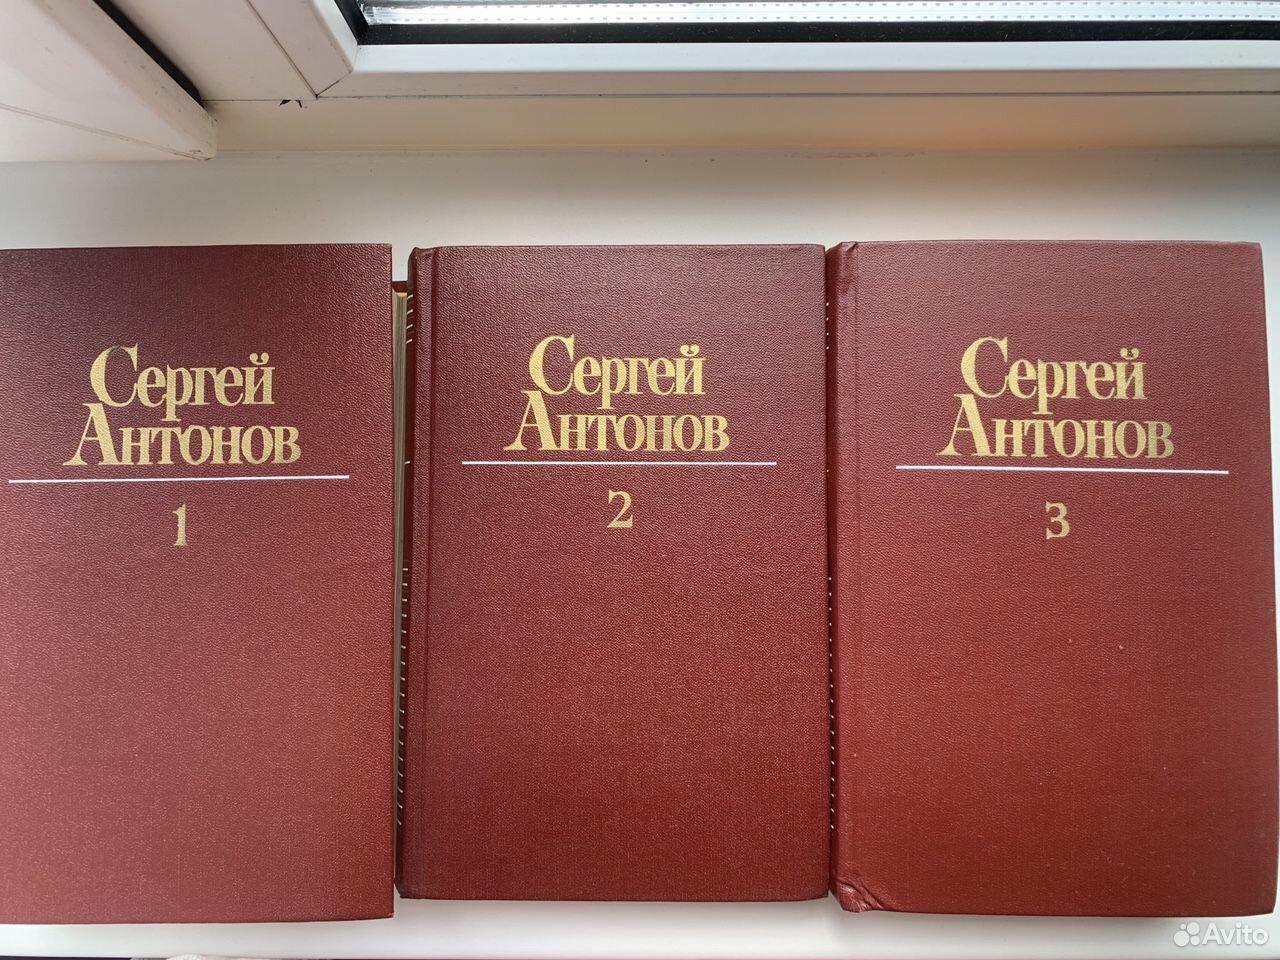 Собрание сочинений в 3-х томах Сергей Антонов